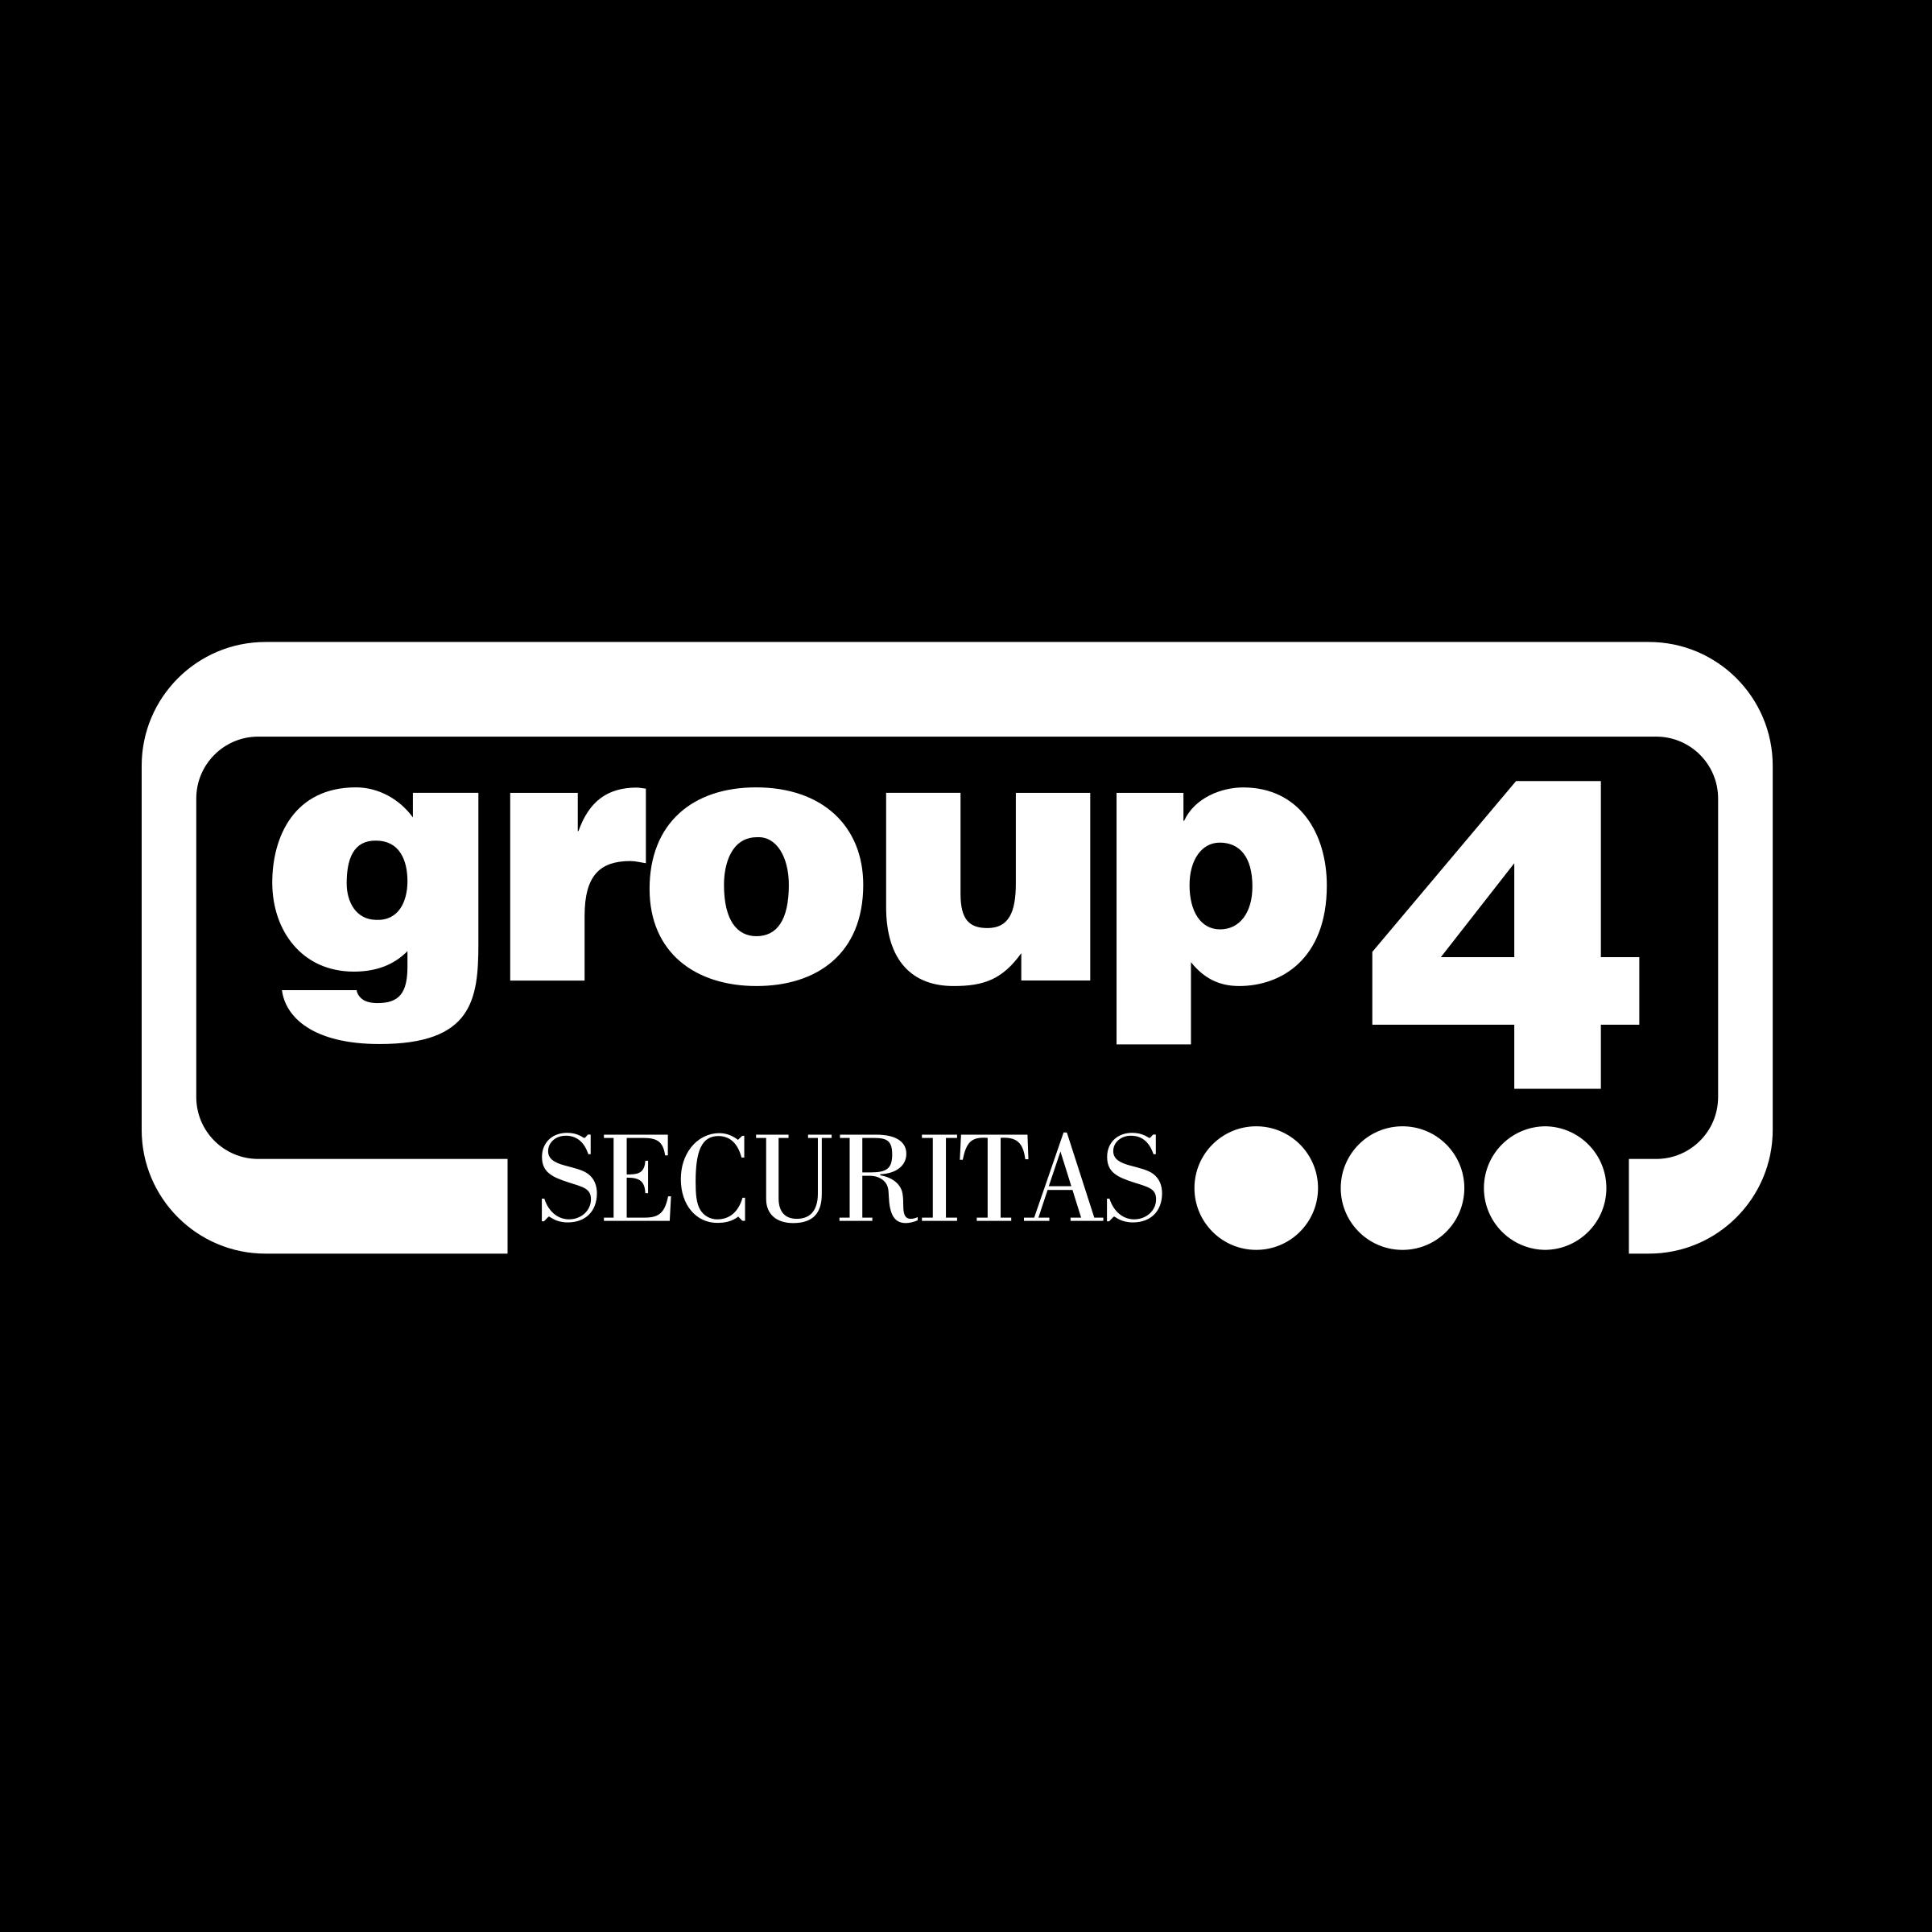 Group 4 Securitas Logo PNG Transparent & SVG Vector.